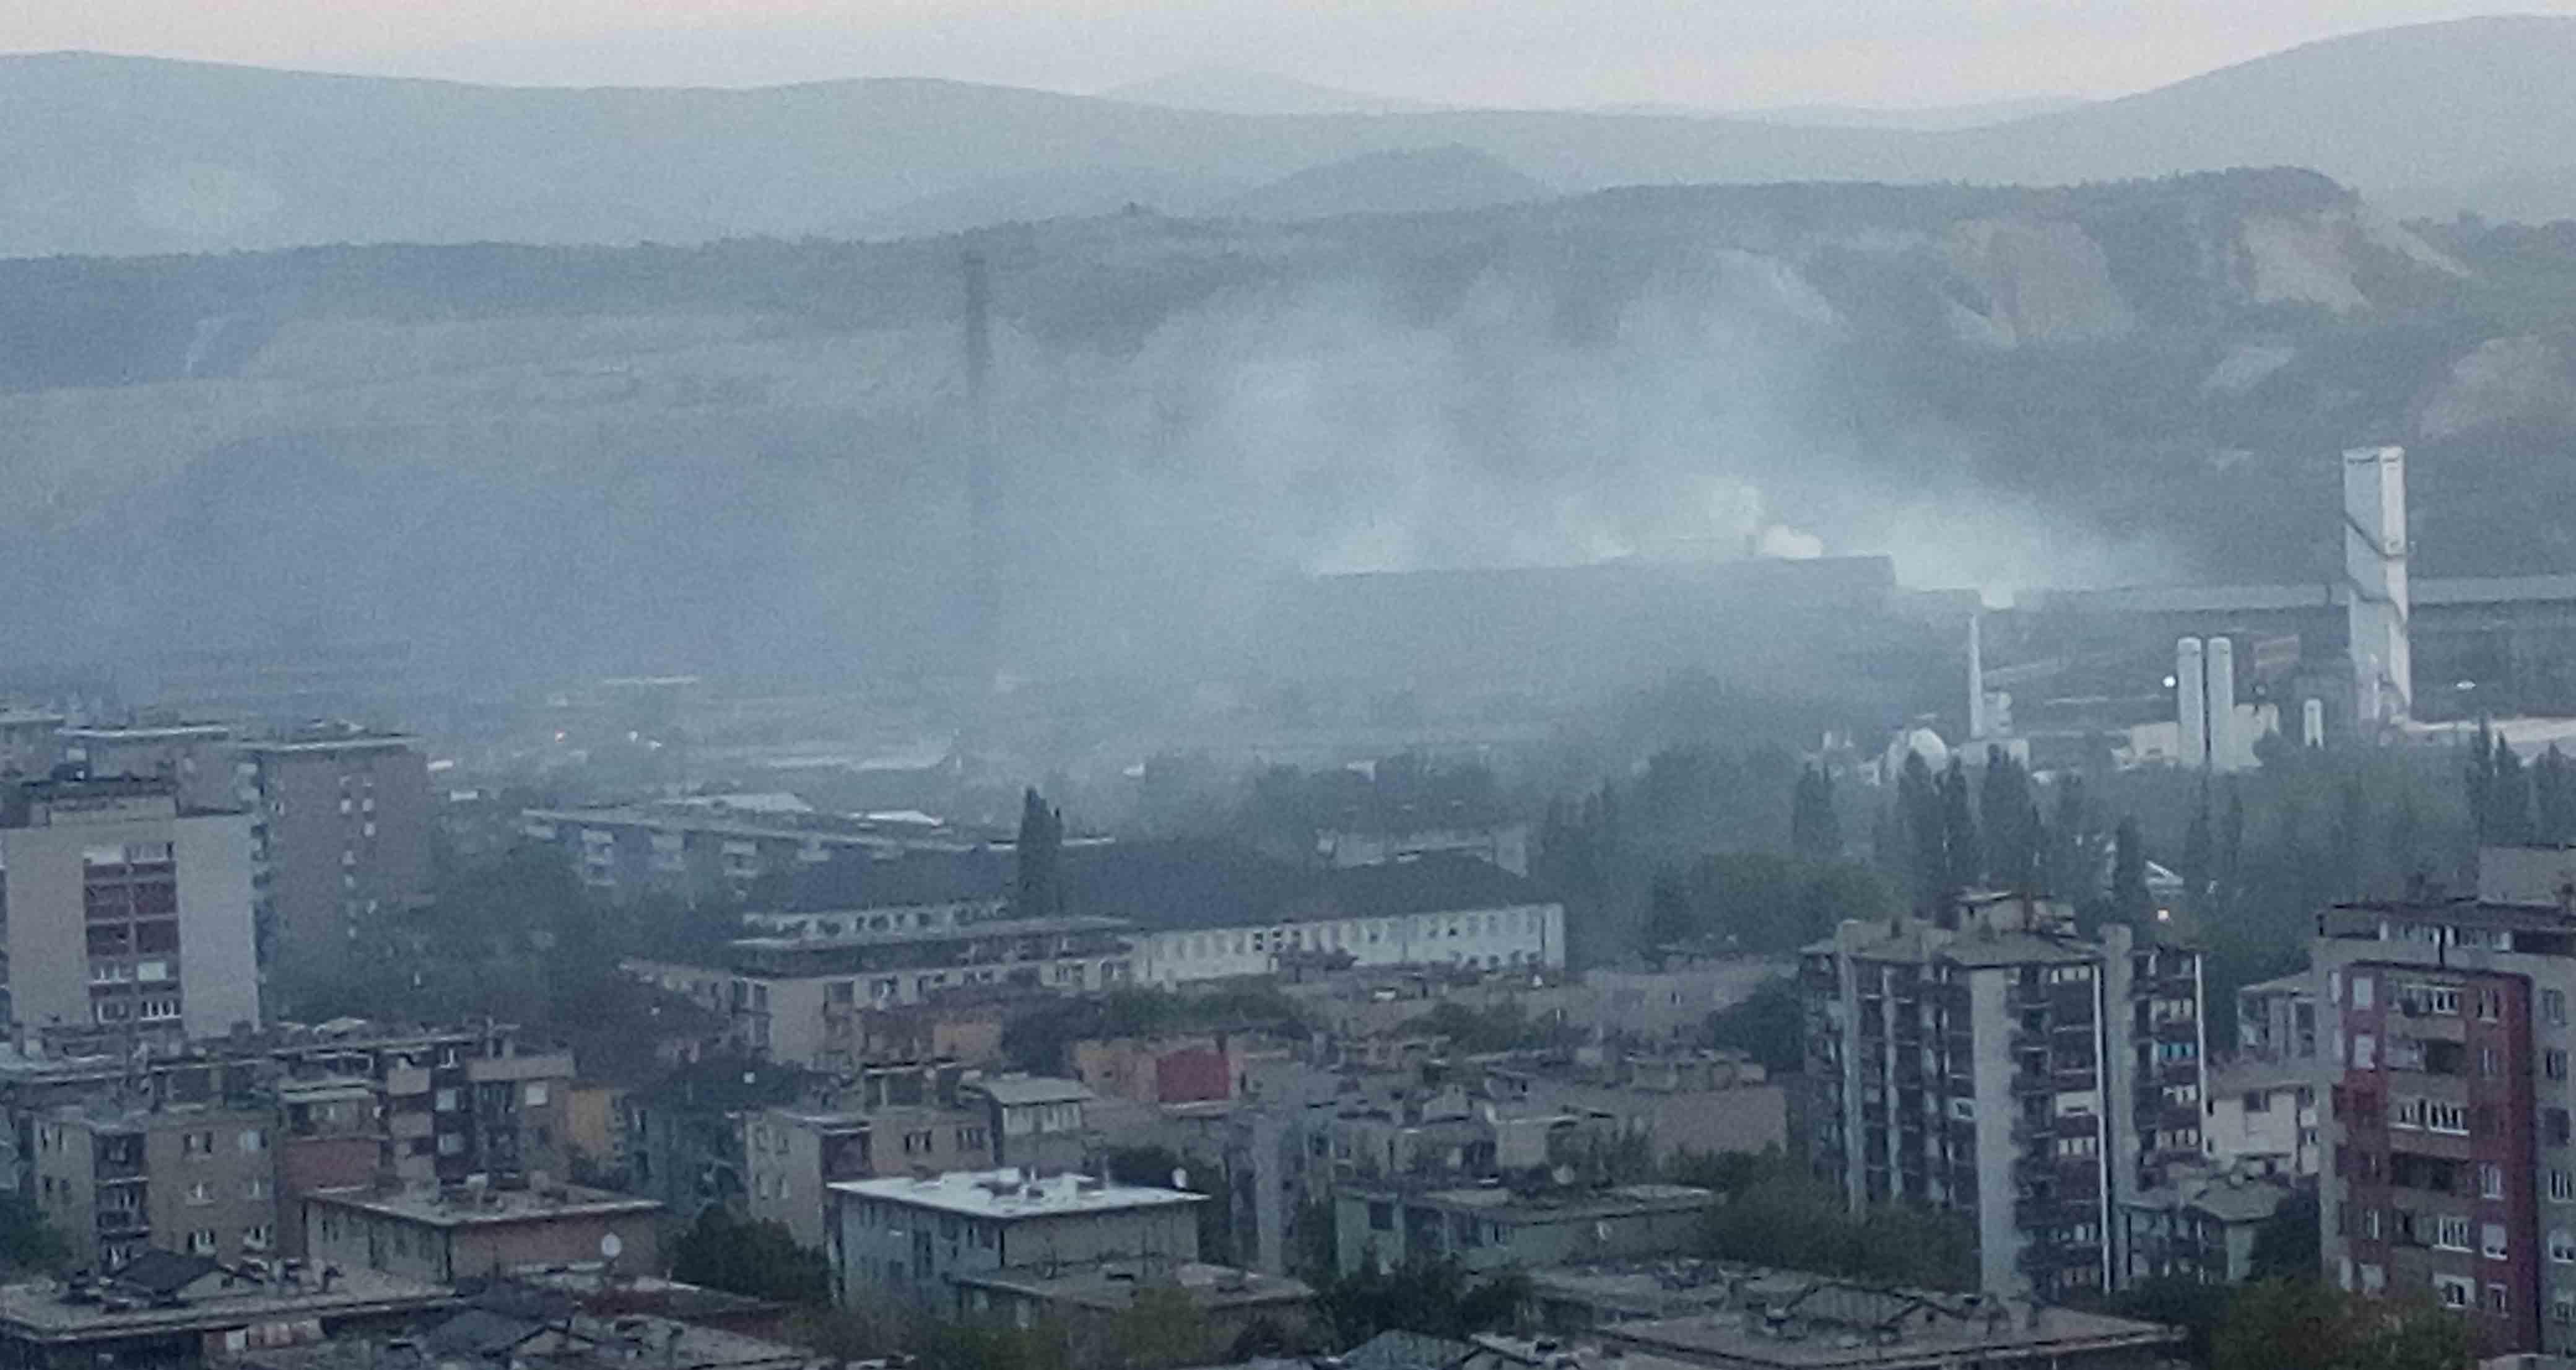 Народна странка Бор: Кривична пријава због загађења ваздуха сумпор-диоксидом, арсеном, оловом, никлом, кадмијумом…